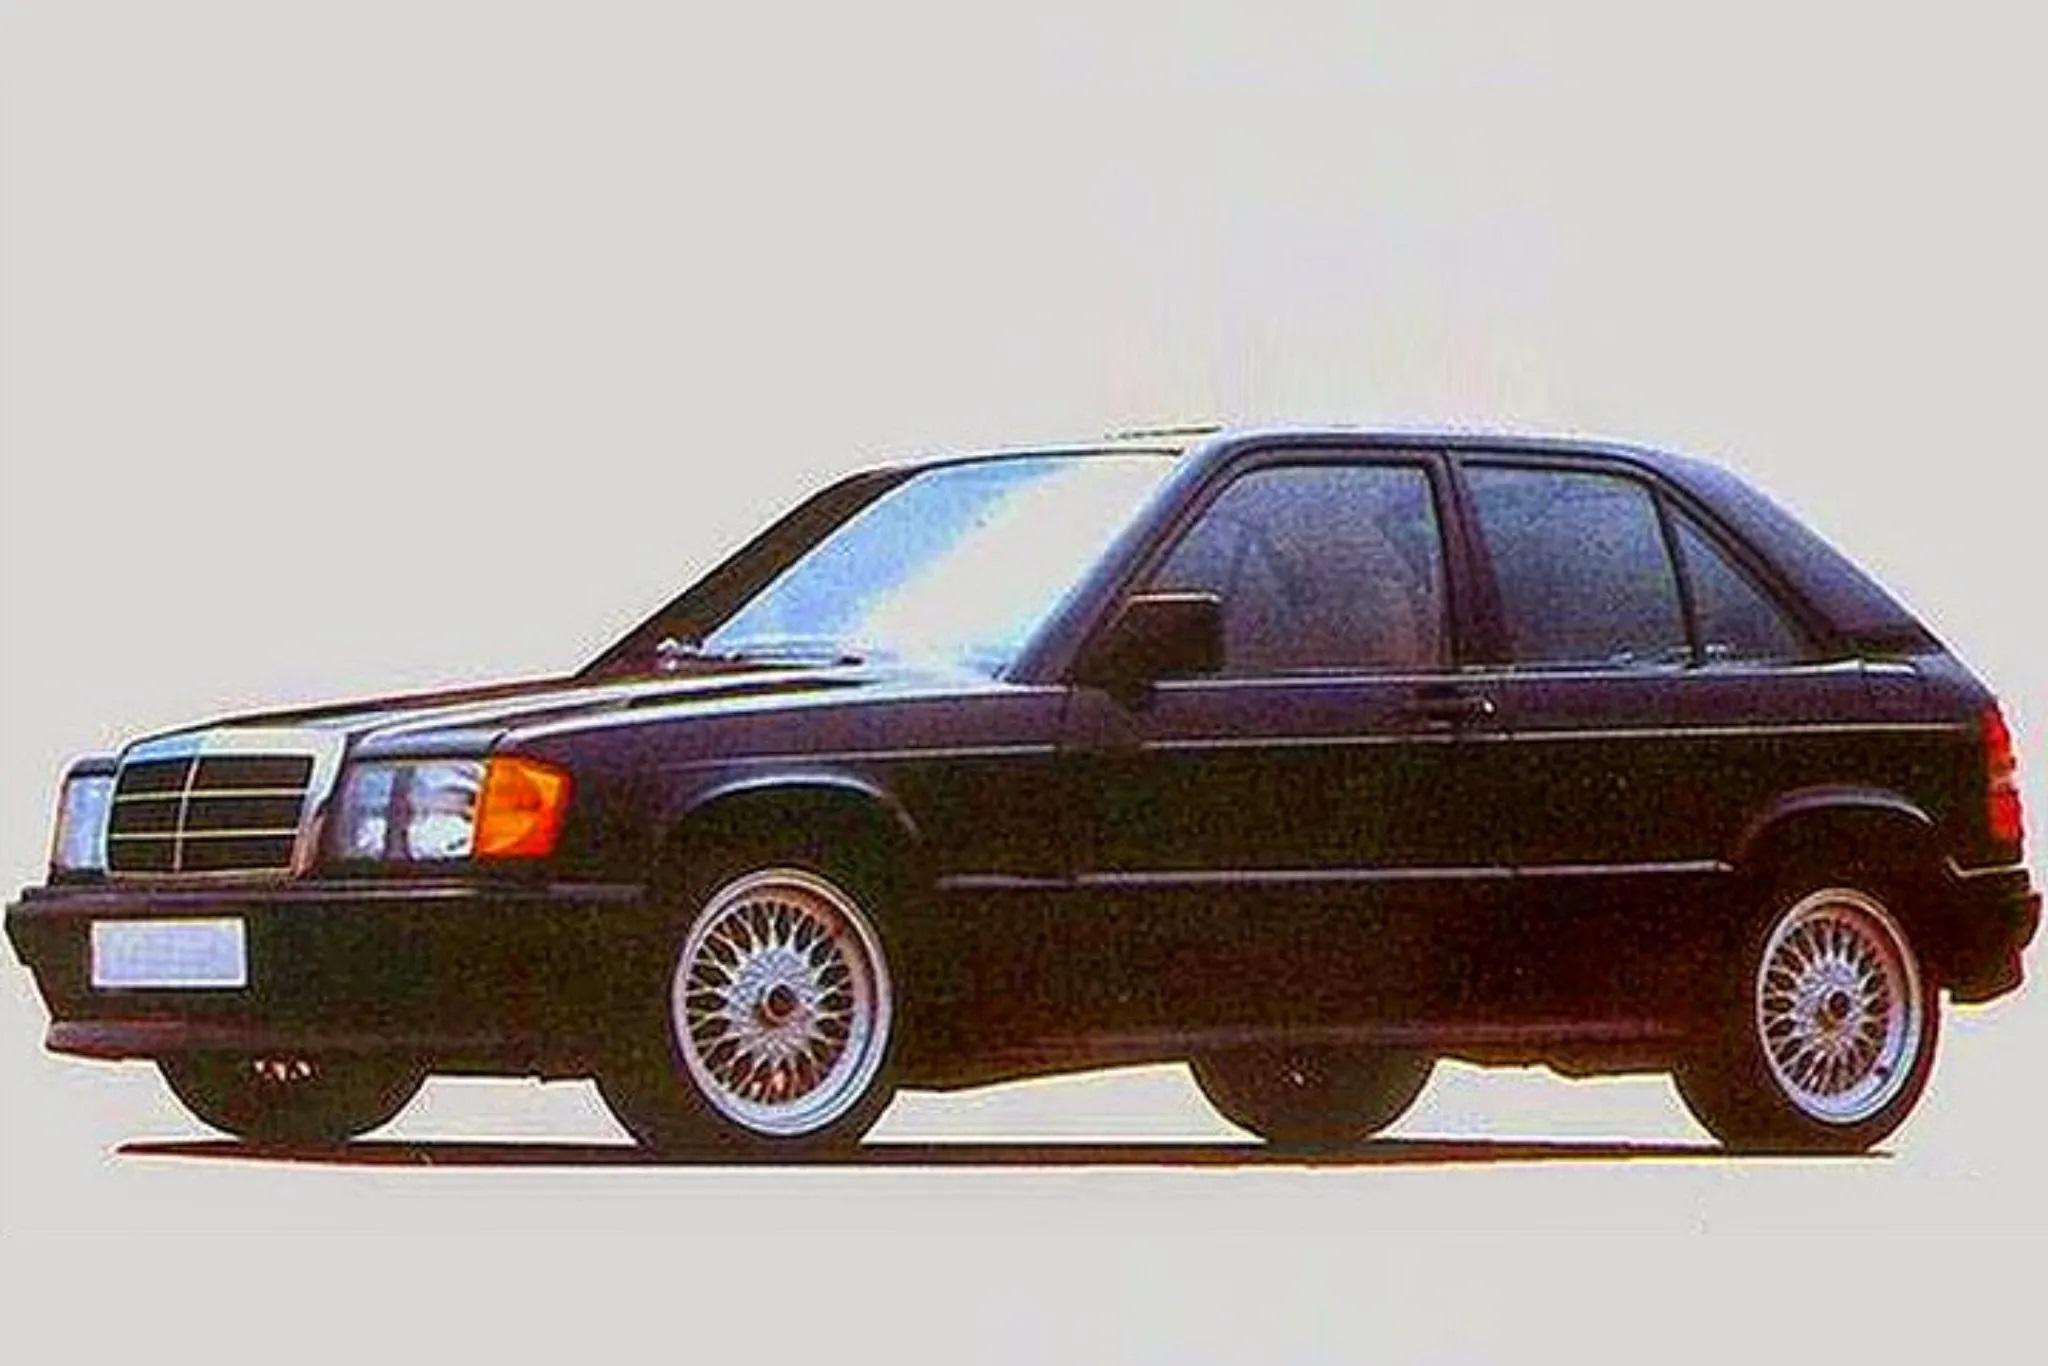 Mercedes-Benz 190 E Compakt